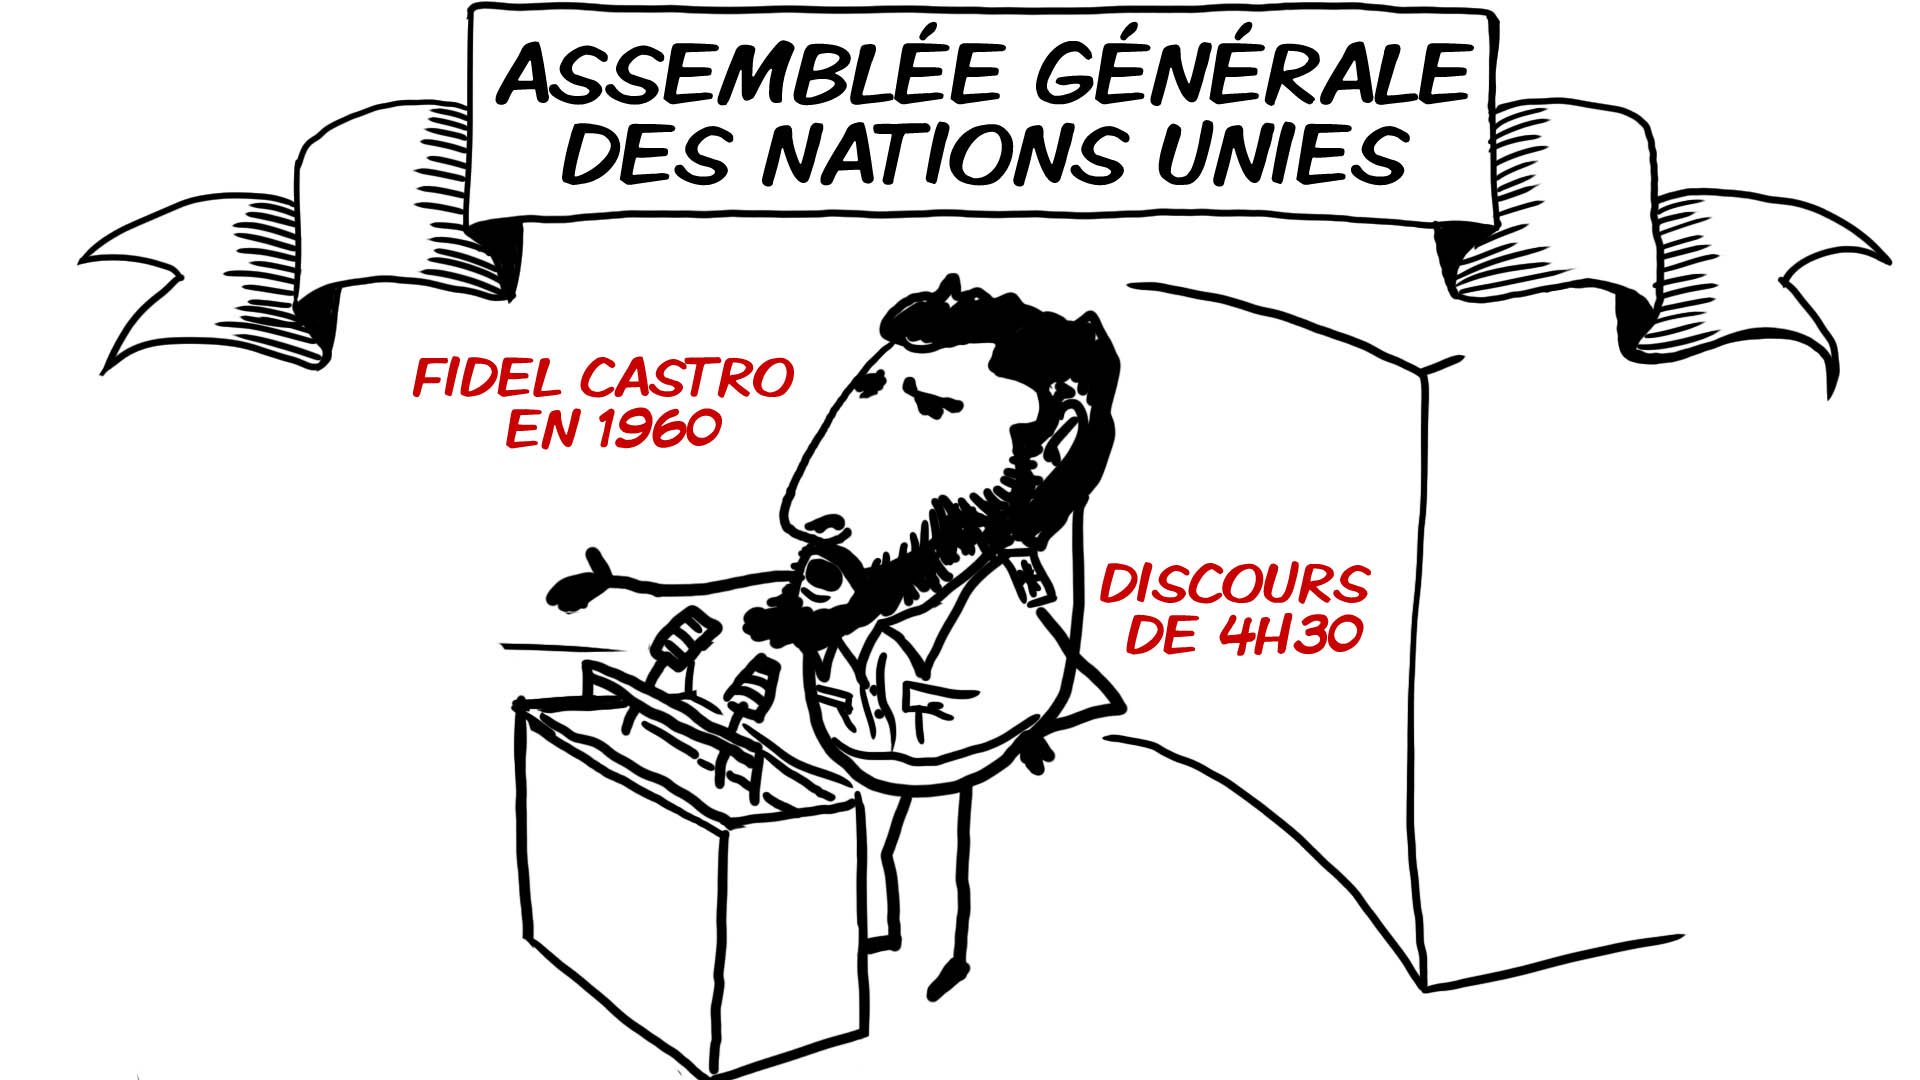 """L'Assemblée générale de l'ONU, ça consiste en quoi ? Réponse mis en images par Stéphane Carteron. création d'une animation hebdomadaire pour le web site du programme """"Expliquez-nous"""" de France info"""